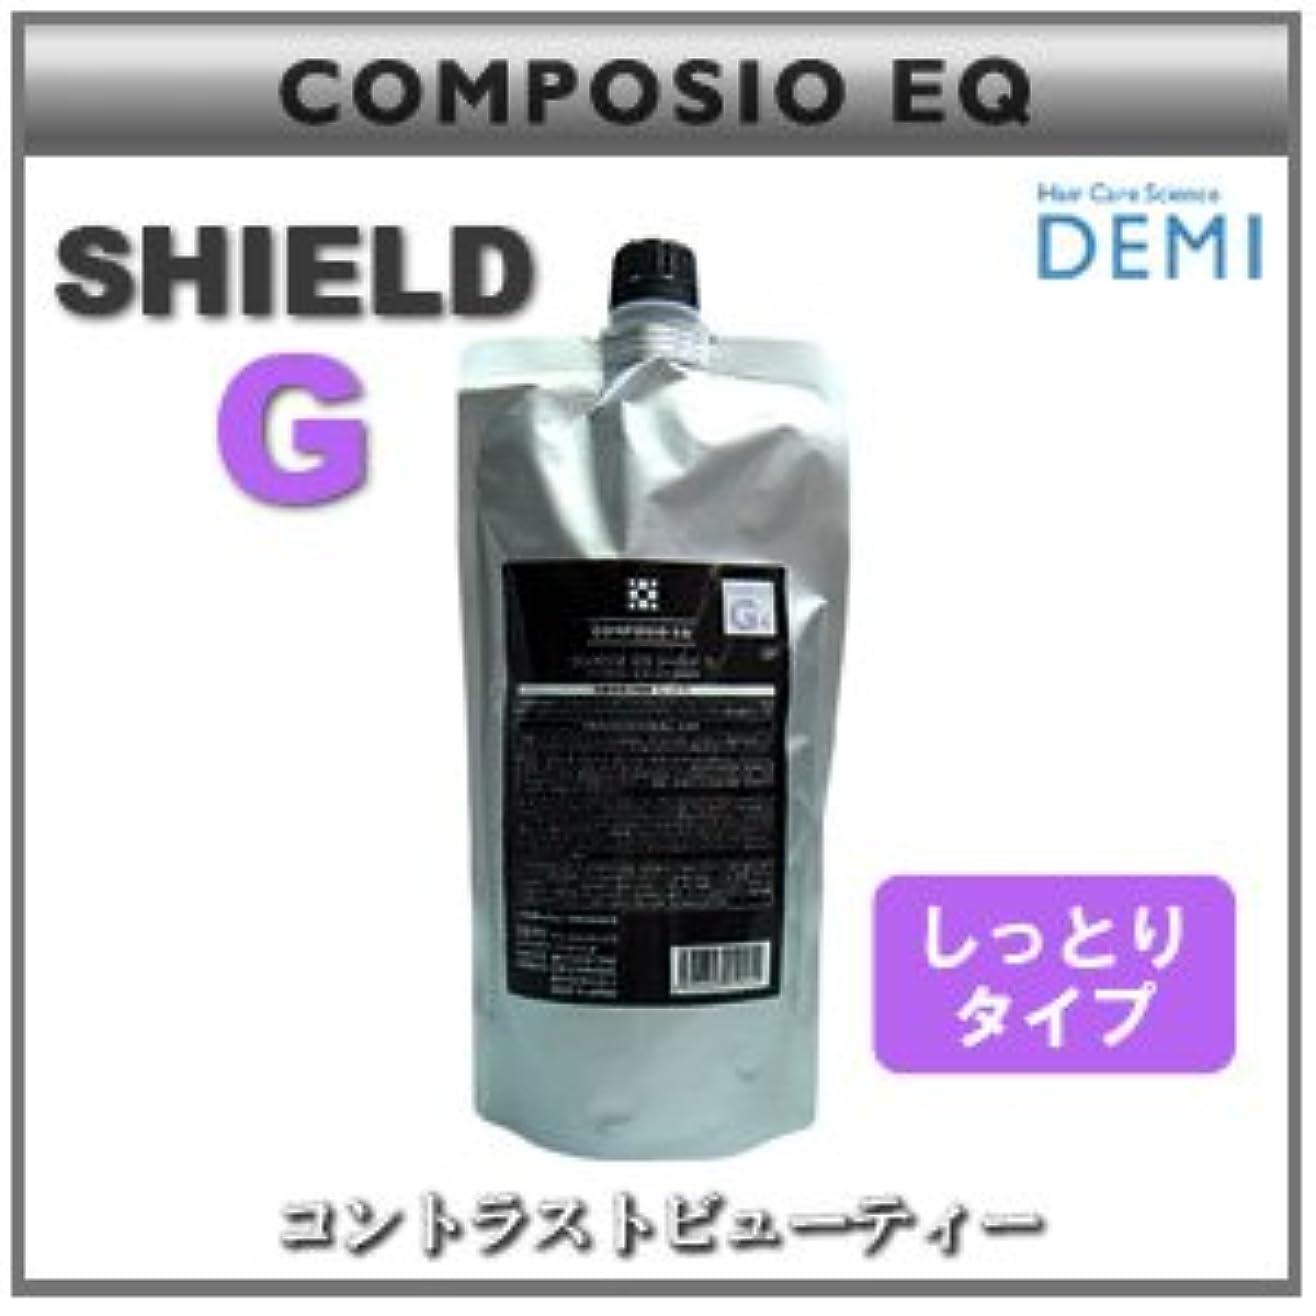 痴漢課税カナダ【X5個セット】 デミ コンポジオ EQ シールド G 450g